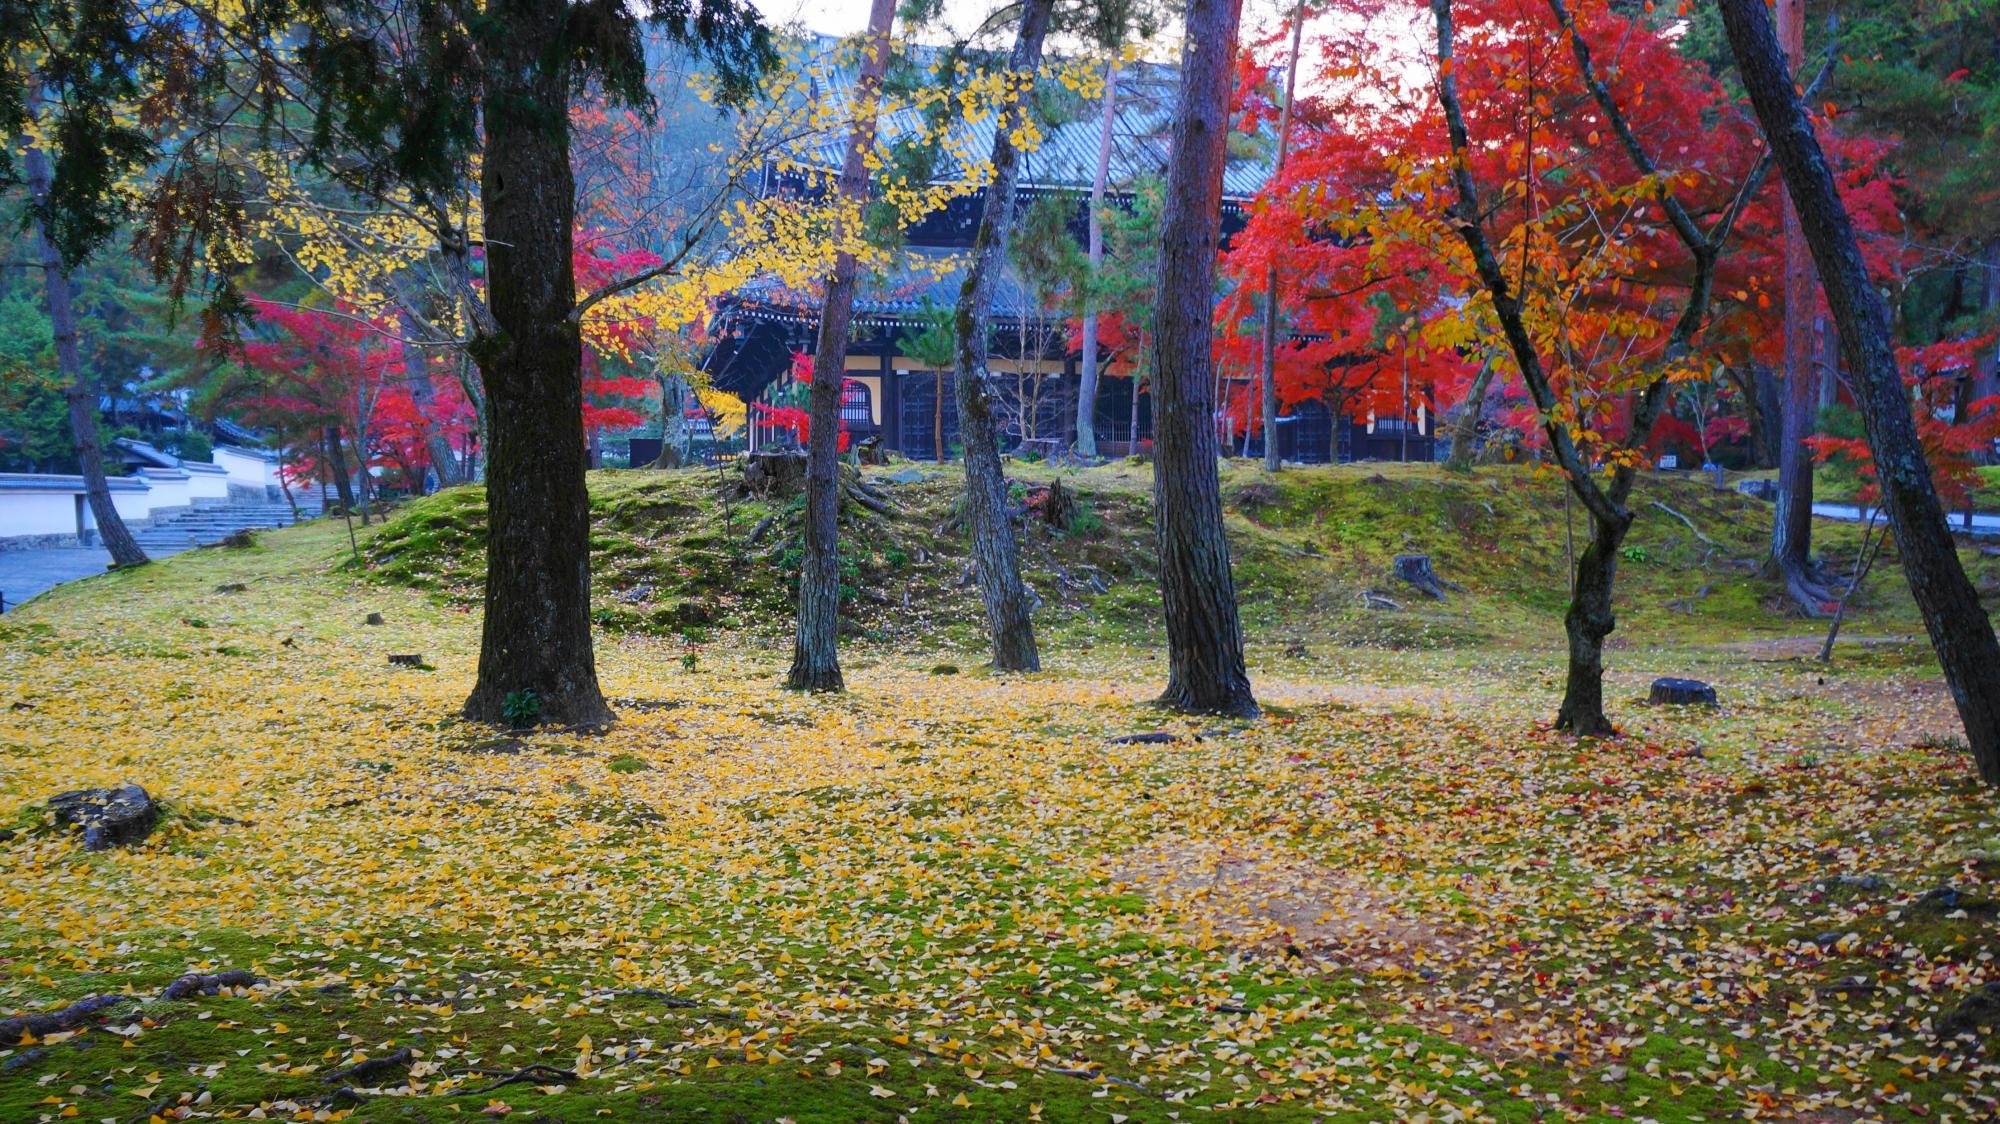 散り銀杏に染まった苔の向こうに見える南禅寺の法堂と紅葉